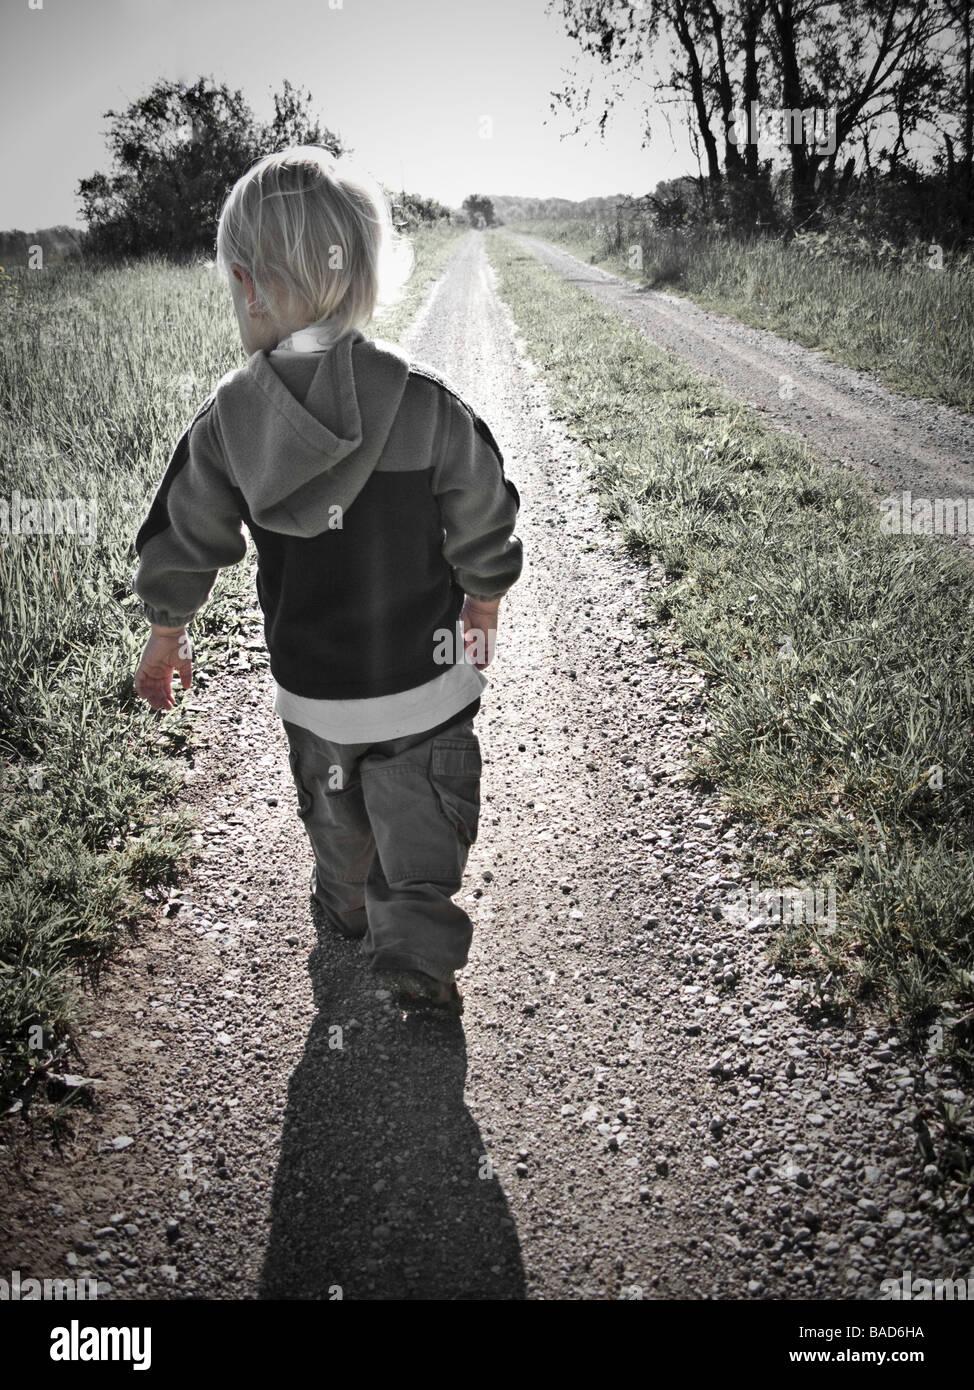 Niño caminando a lo largo de un camino de grava Imagen De Stock